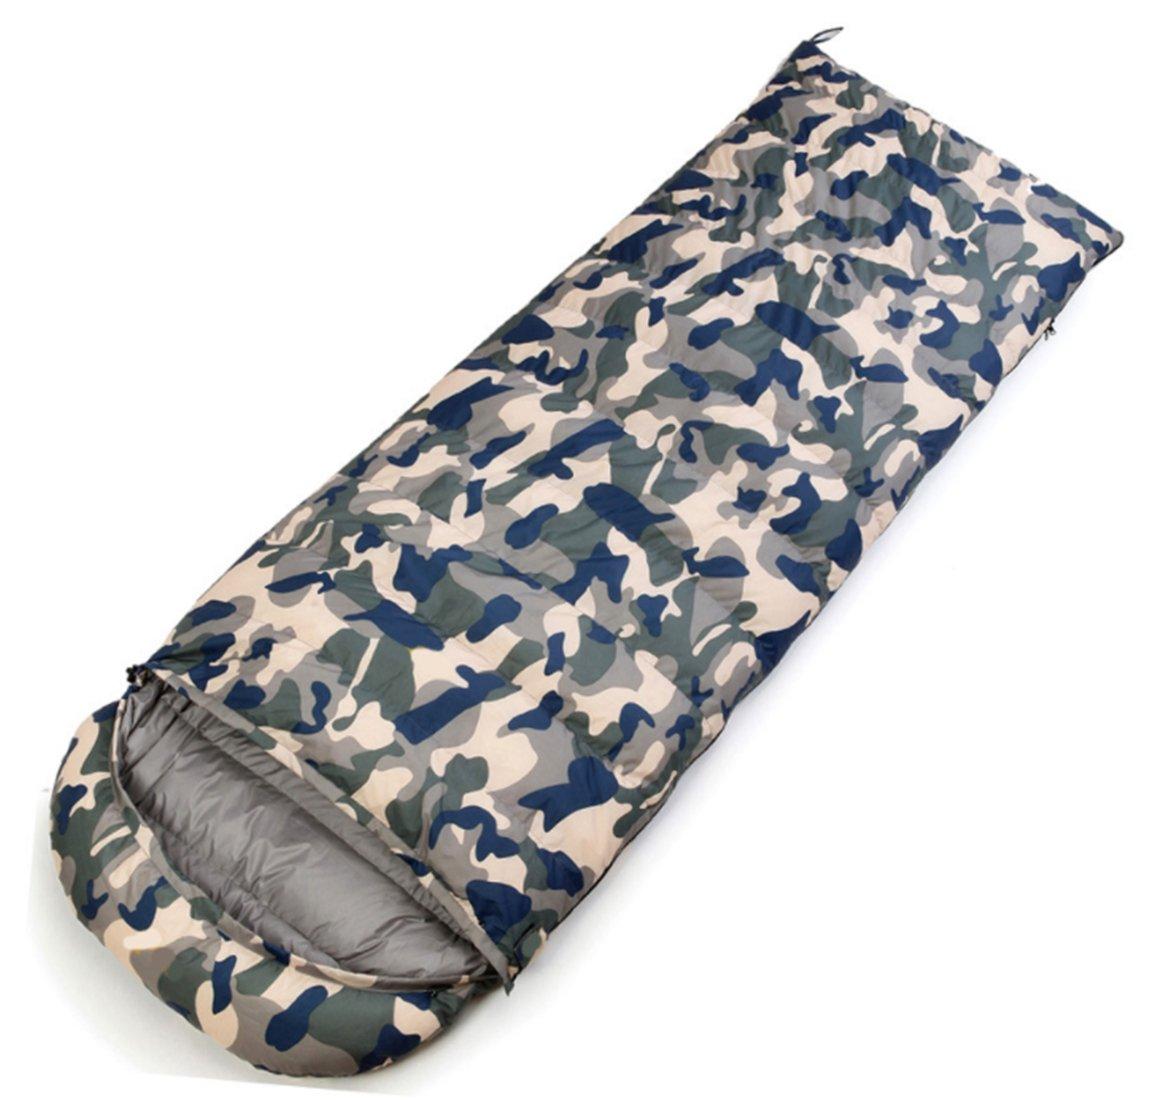 Yeying123 Daunenschlafsack Outdoor Erwachsenen Ultra Licht Innen Dick Warm Kann Doppel Camping Mittagspause Camouflage Schlafsack Kämpfen